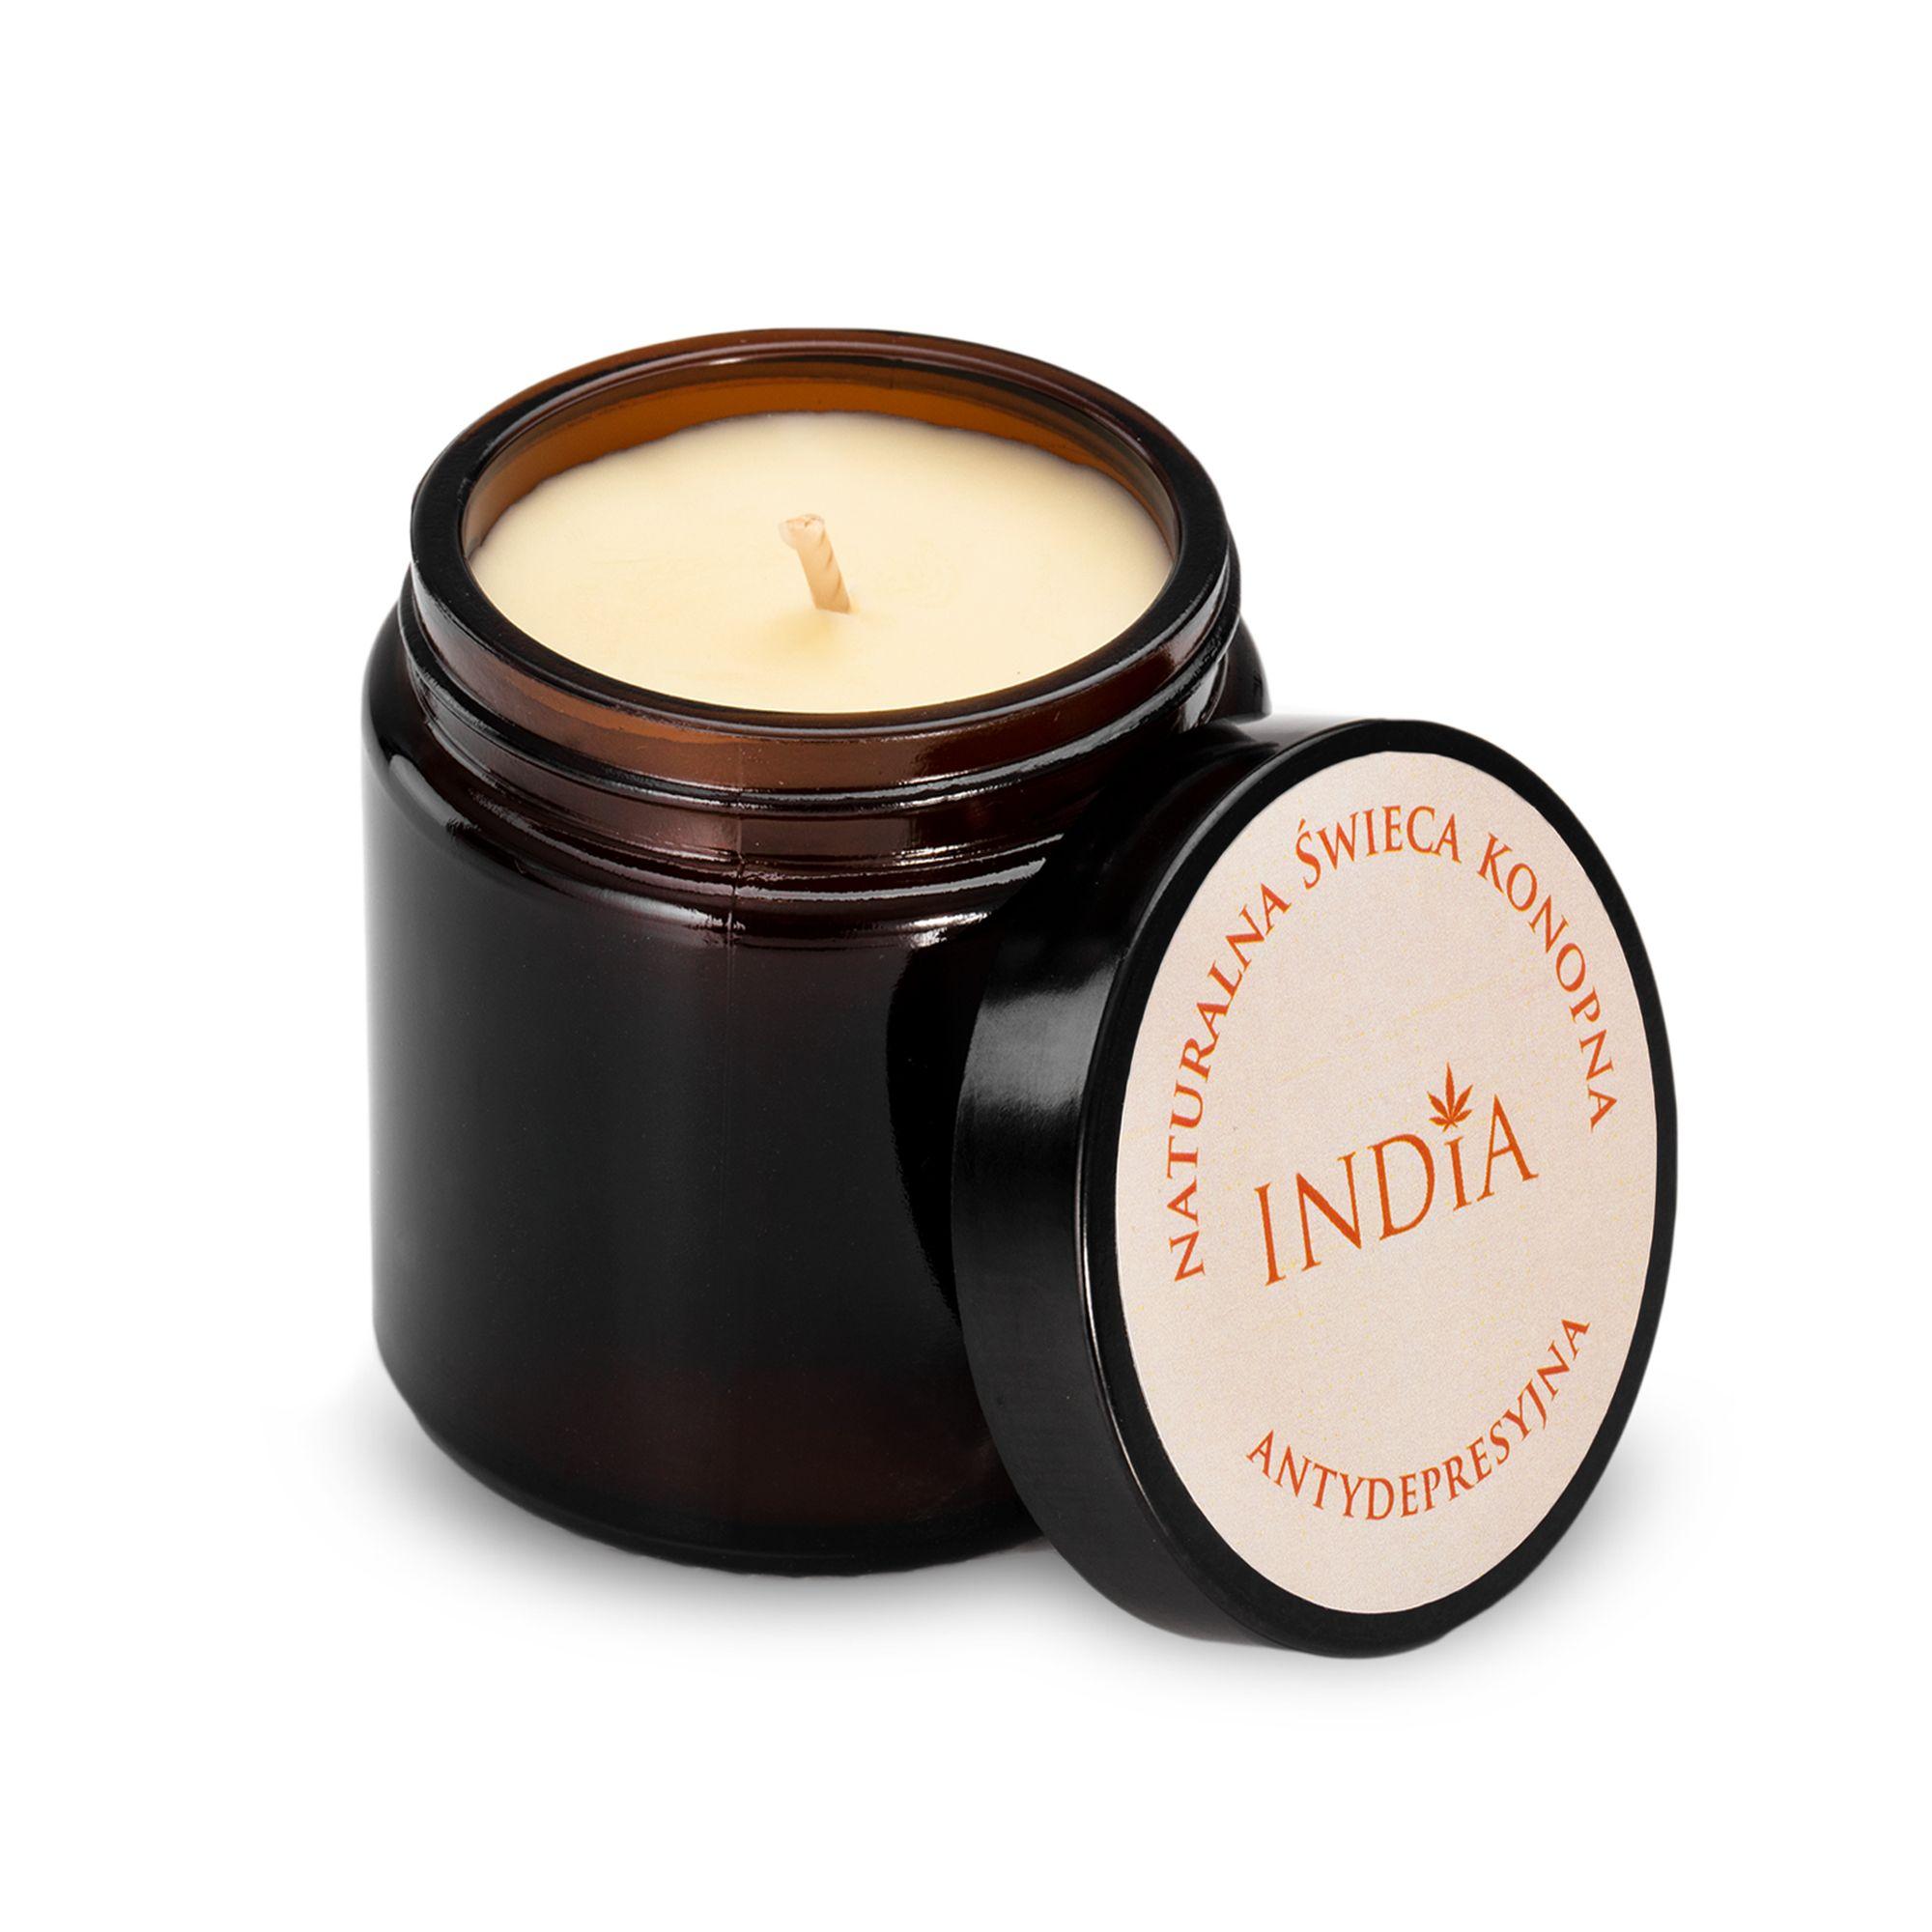 Hanf-Kerze 'Antidepressivum' mit Hanf-Öl von India Cosmetics